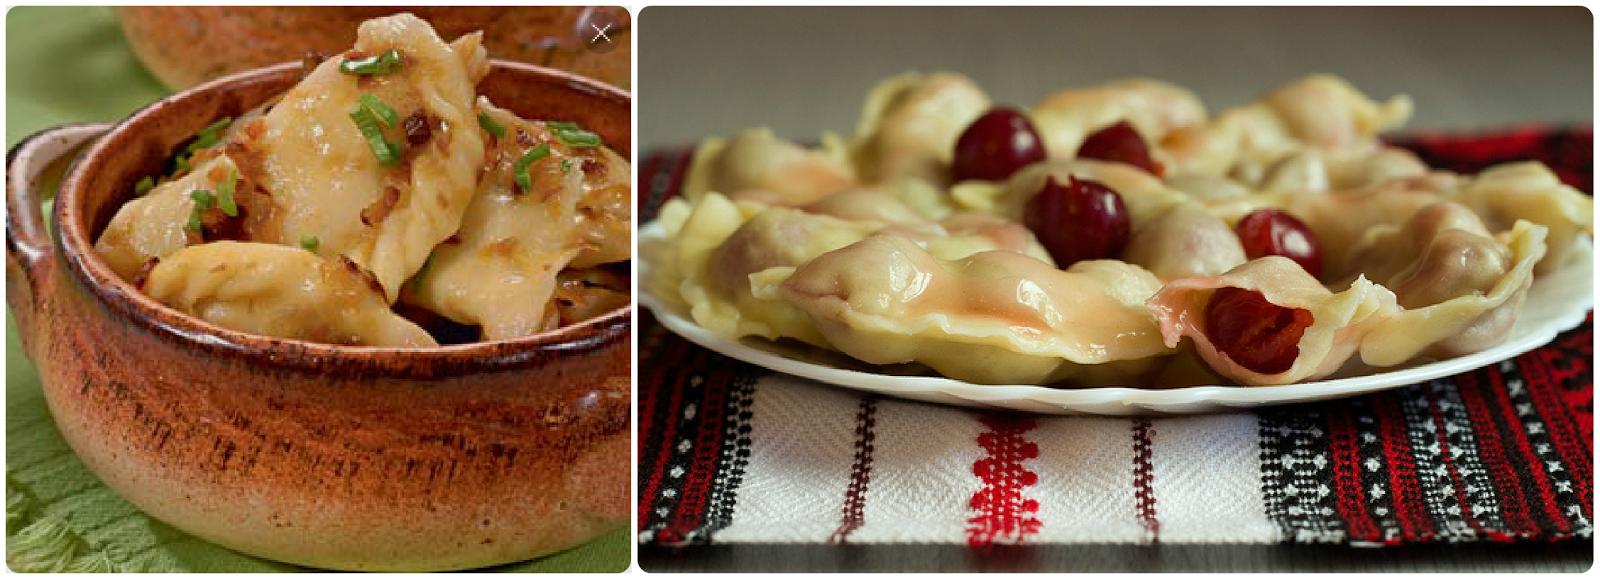 Cuisine ukrainienne atelier cuisine ukrainienne le blog for Cuisine ukrainienne